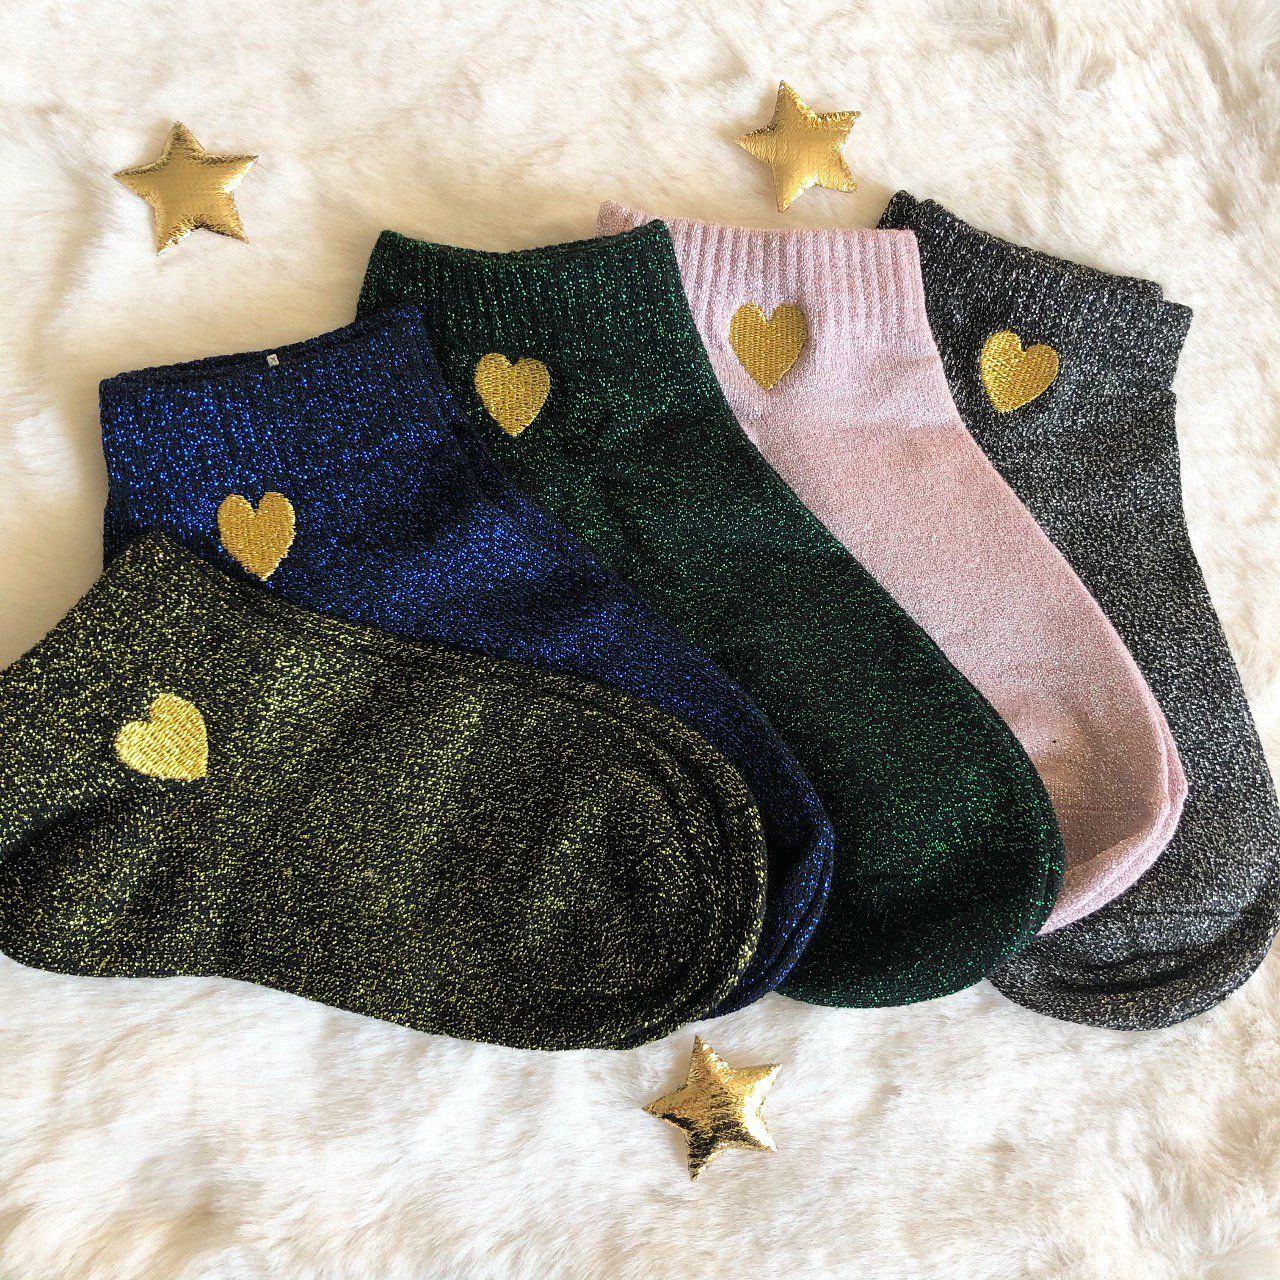 amropi Chaussettes Antid/érapante B/éb/é Fille Gar/çon Cartoon Sock Bottes Pantoufle Chaussettes de sol pour B/éb/é 0-24 mois